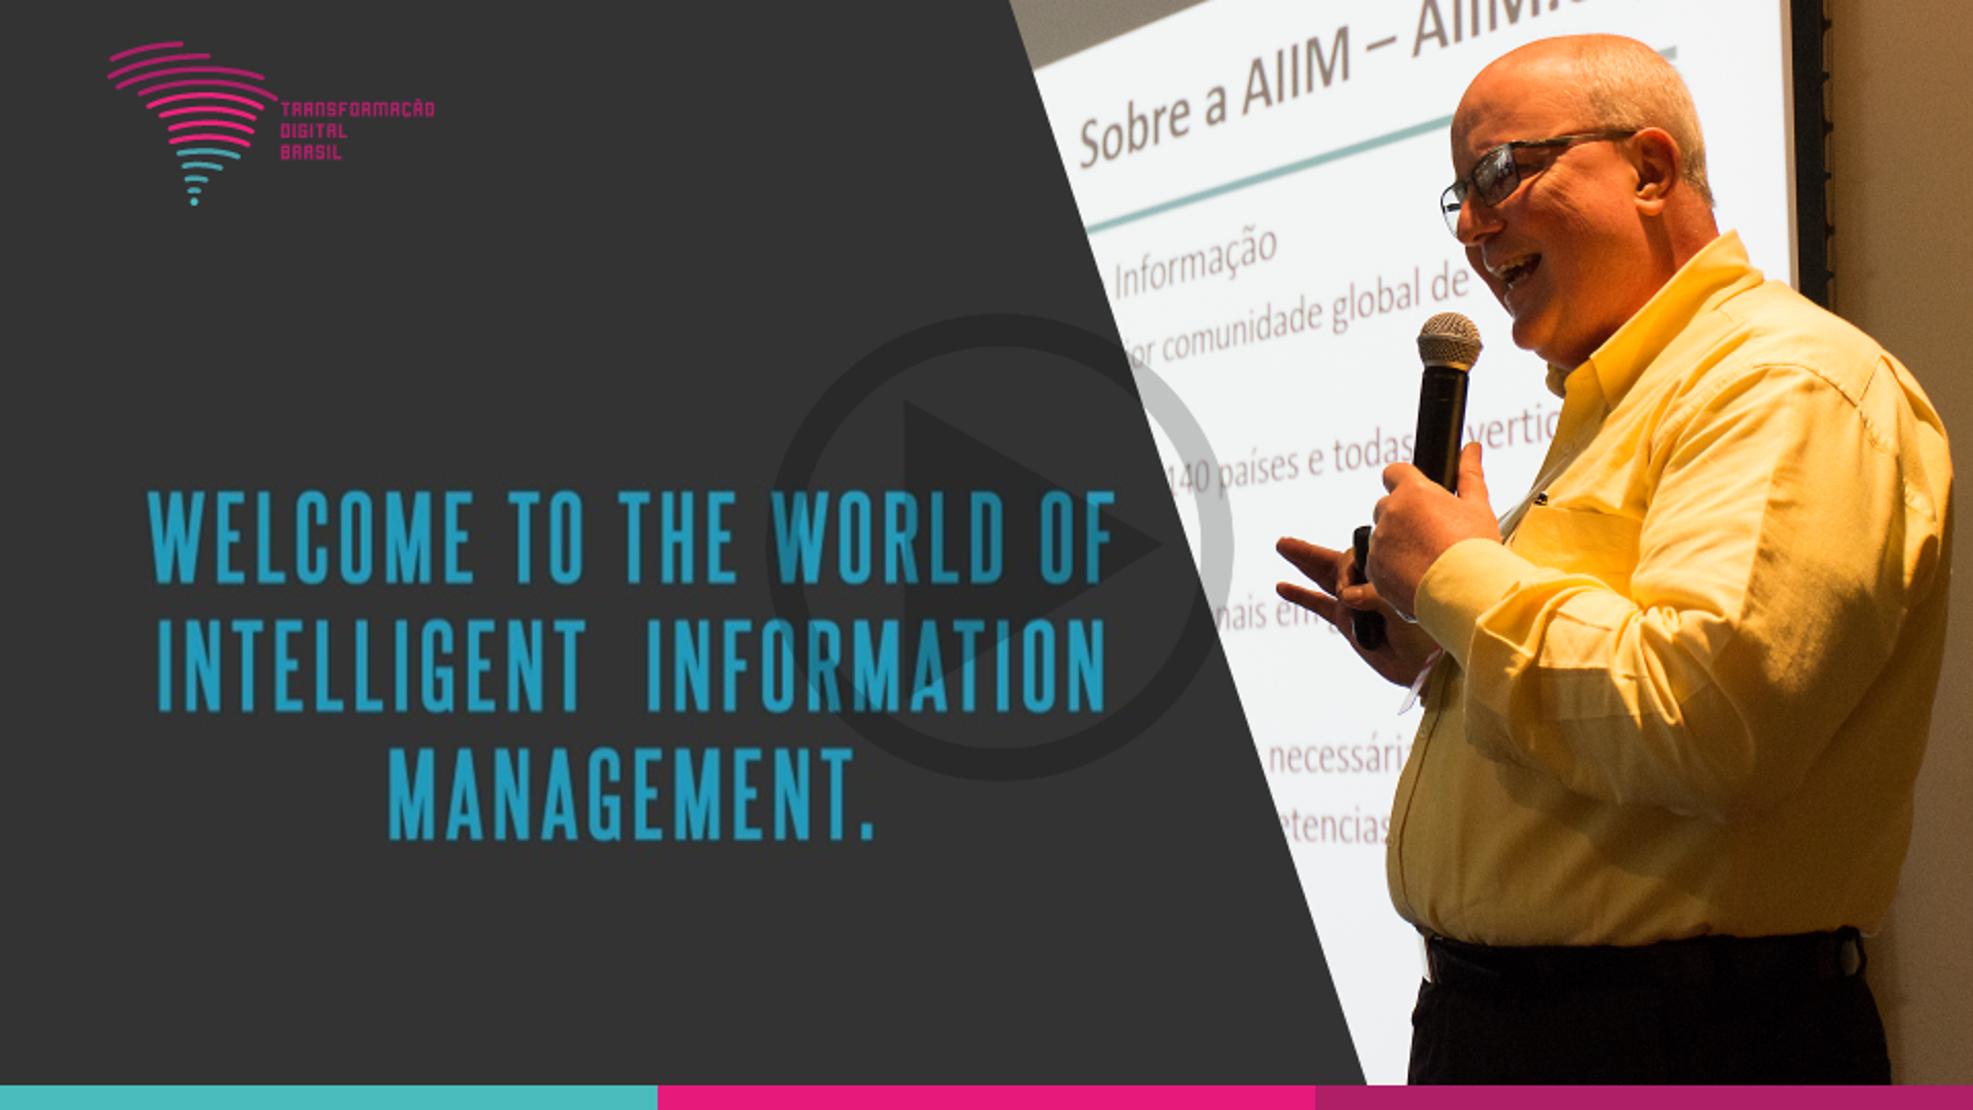 intelligente information management